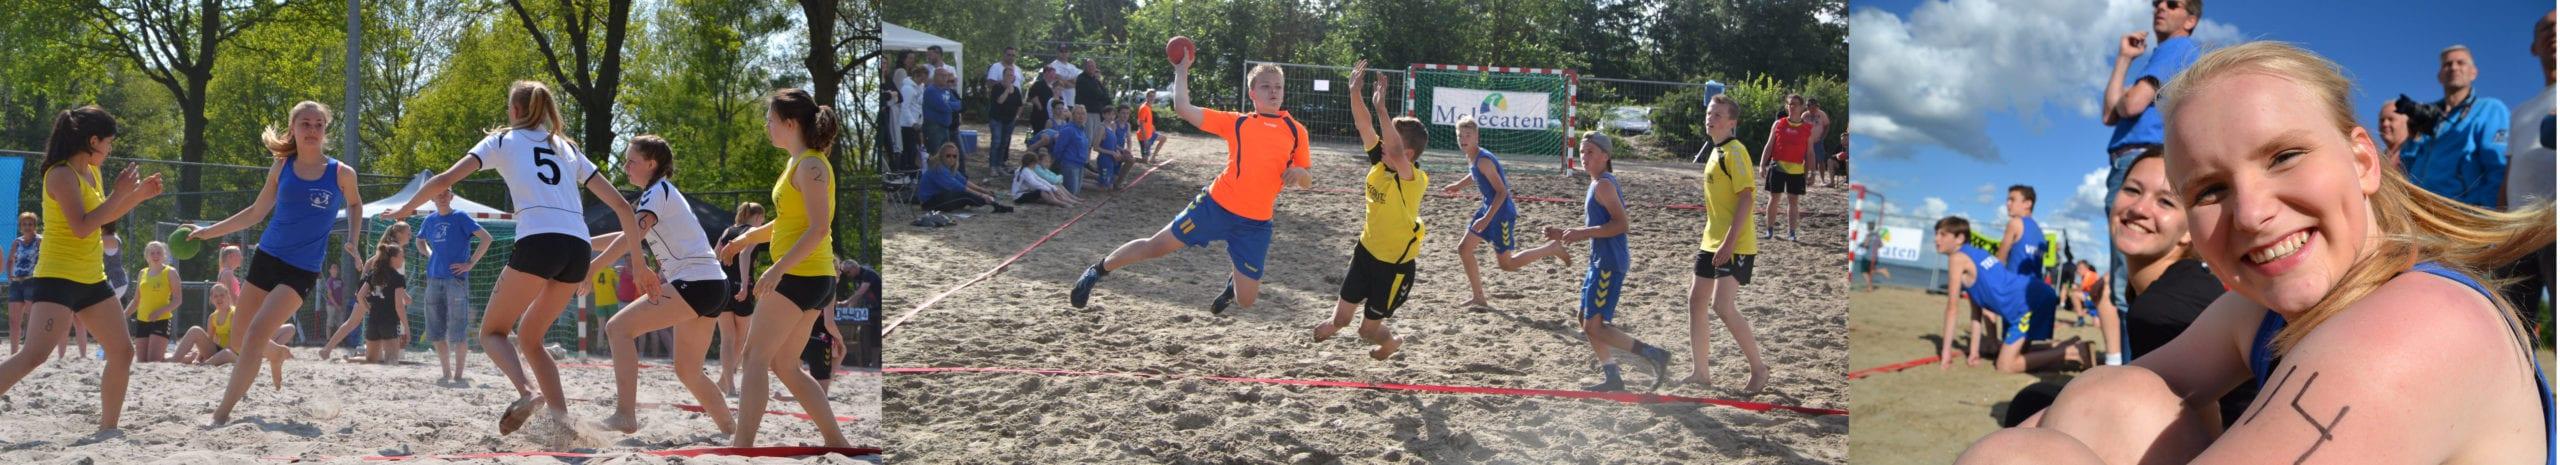 beach banner - Inschrijvingen op ons Beachtoernooi 2016 tot nu toe (Meisjes D-, C- en B-jeugd vol)